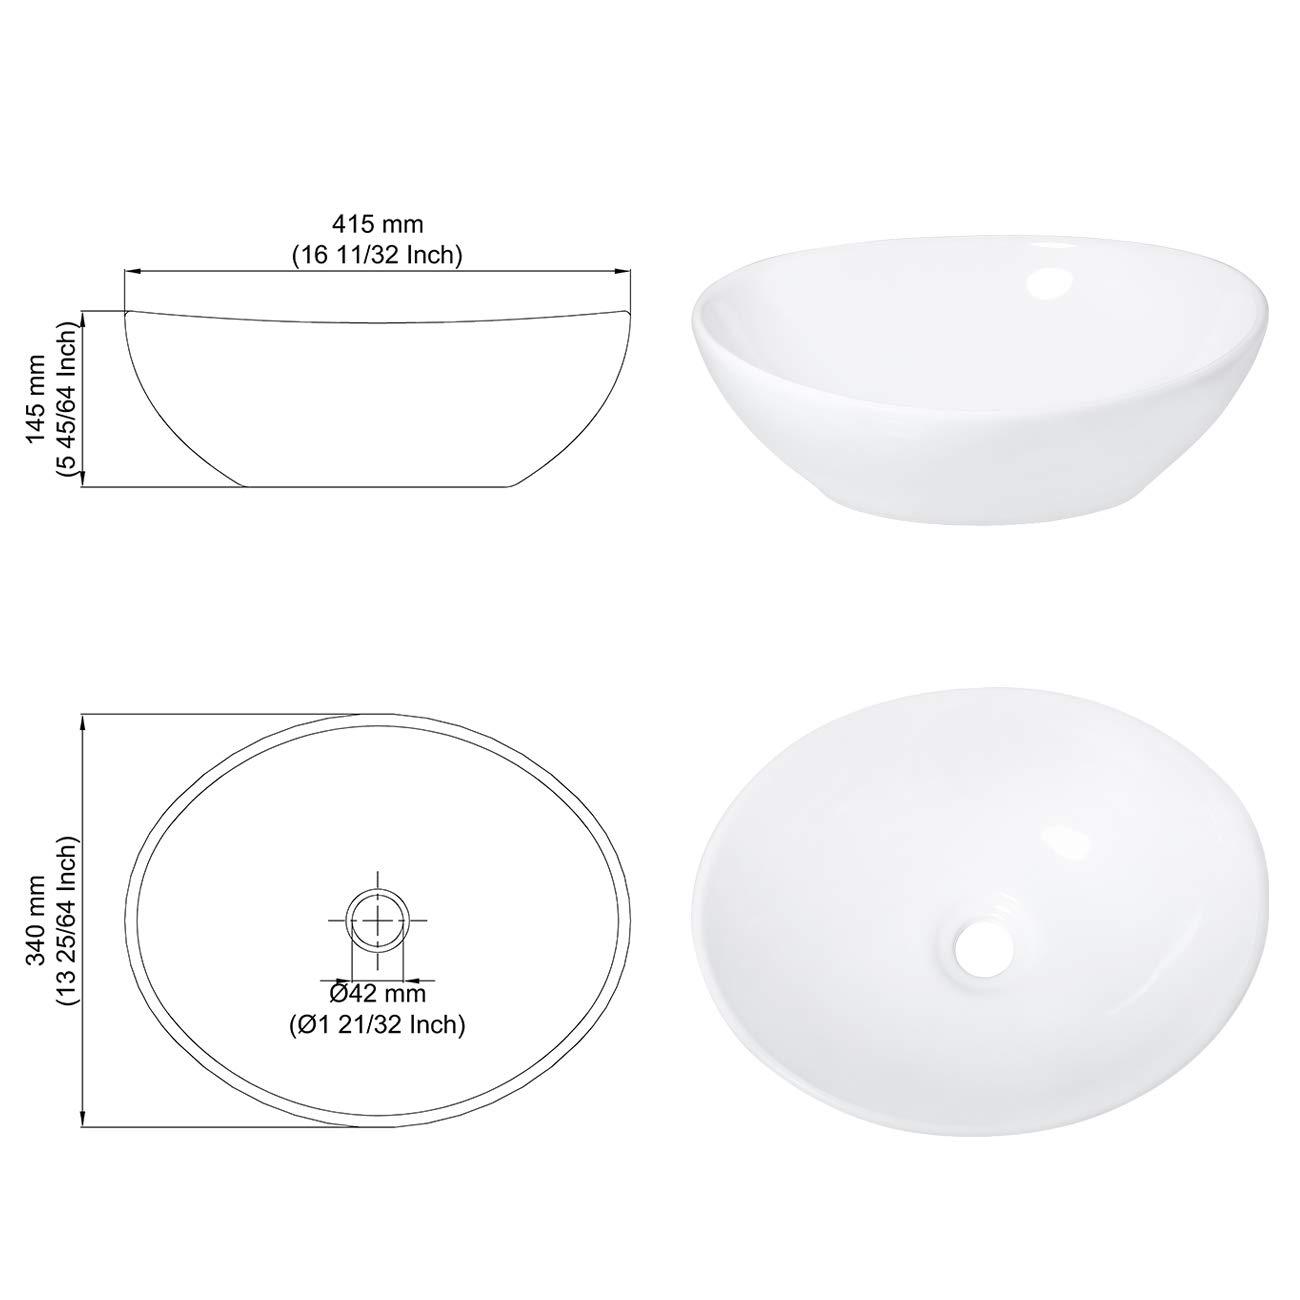 Color Blanco KES BVS124 dise/ño Moderno con Forma de Huevo sobre encimera Fregadero Ovalado de cer/ámica para Lavabo